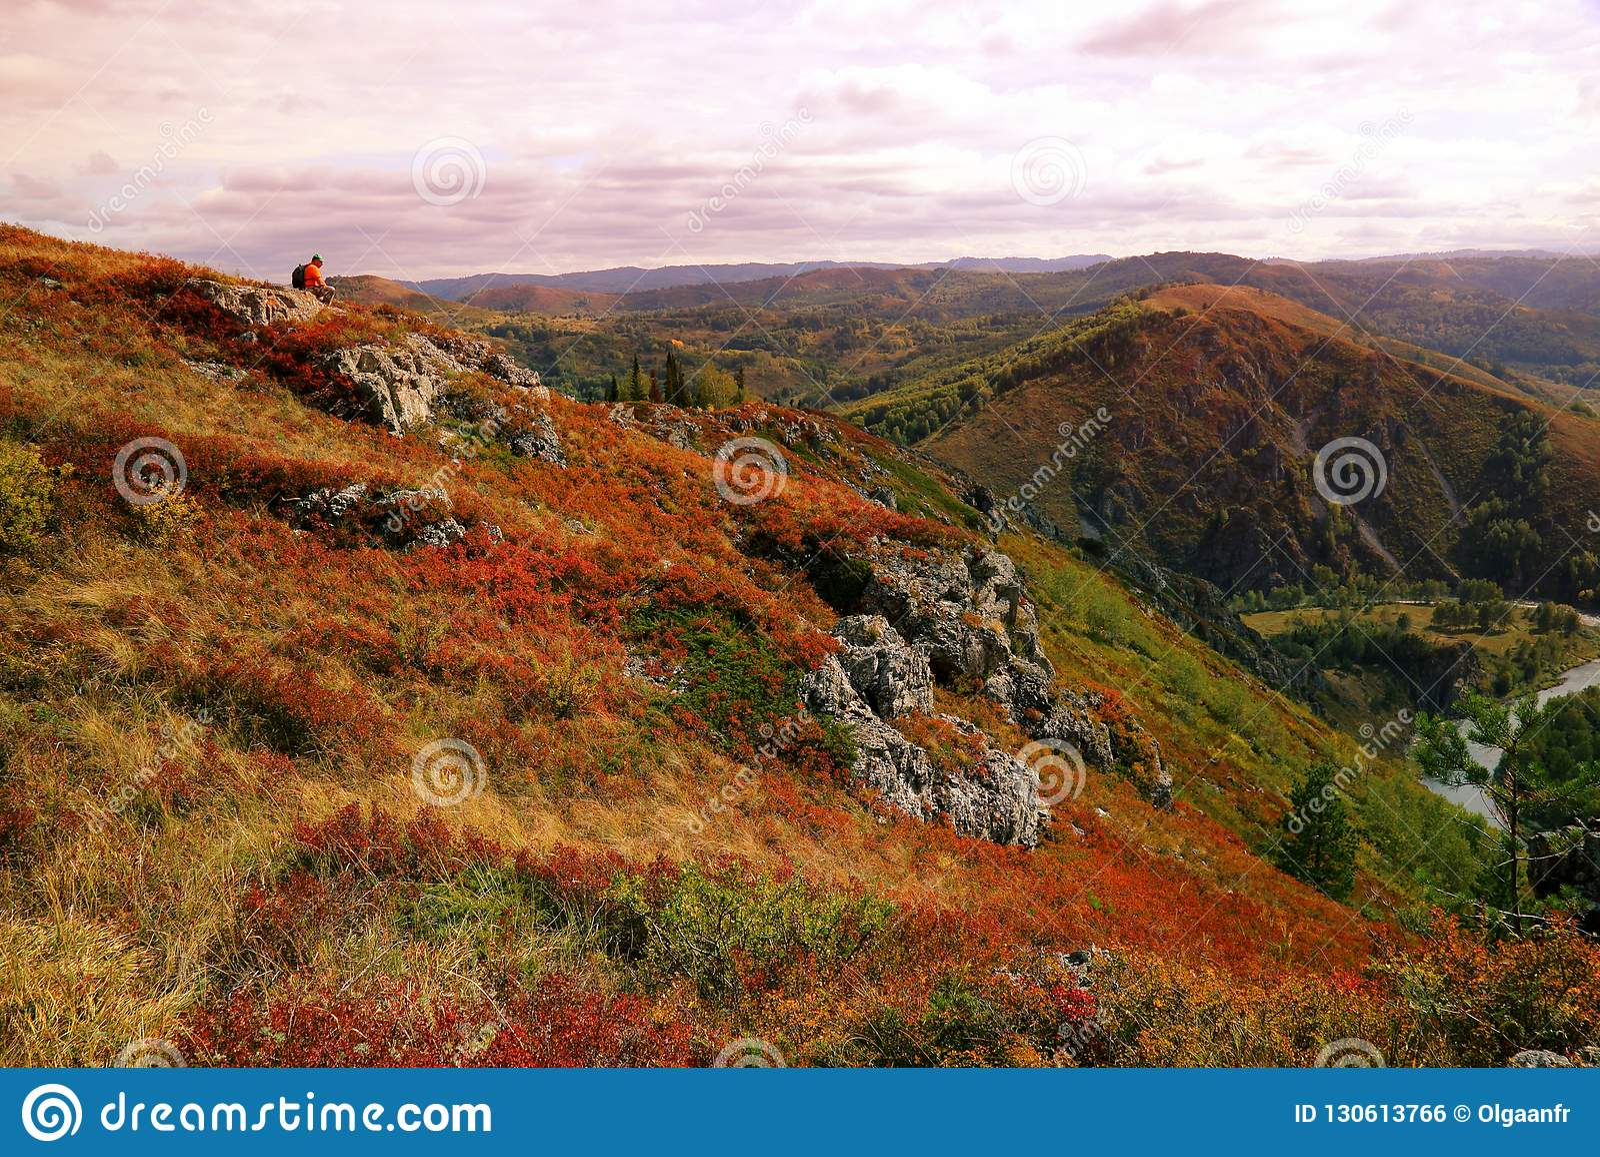 Le touriste seul dans un gilet orange s assied au sommet d une colline dans un natu